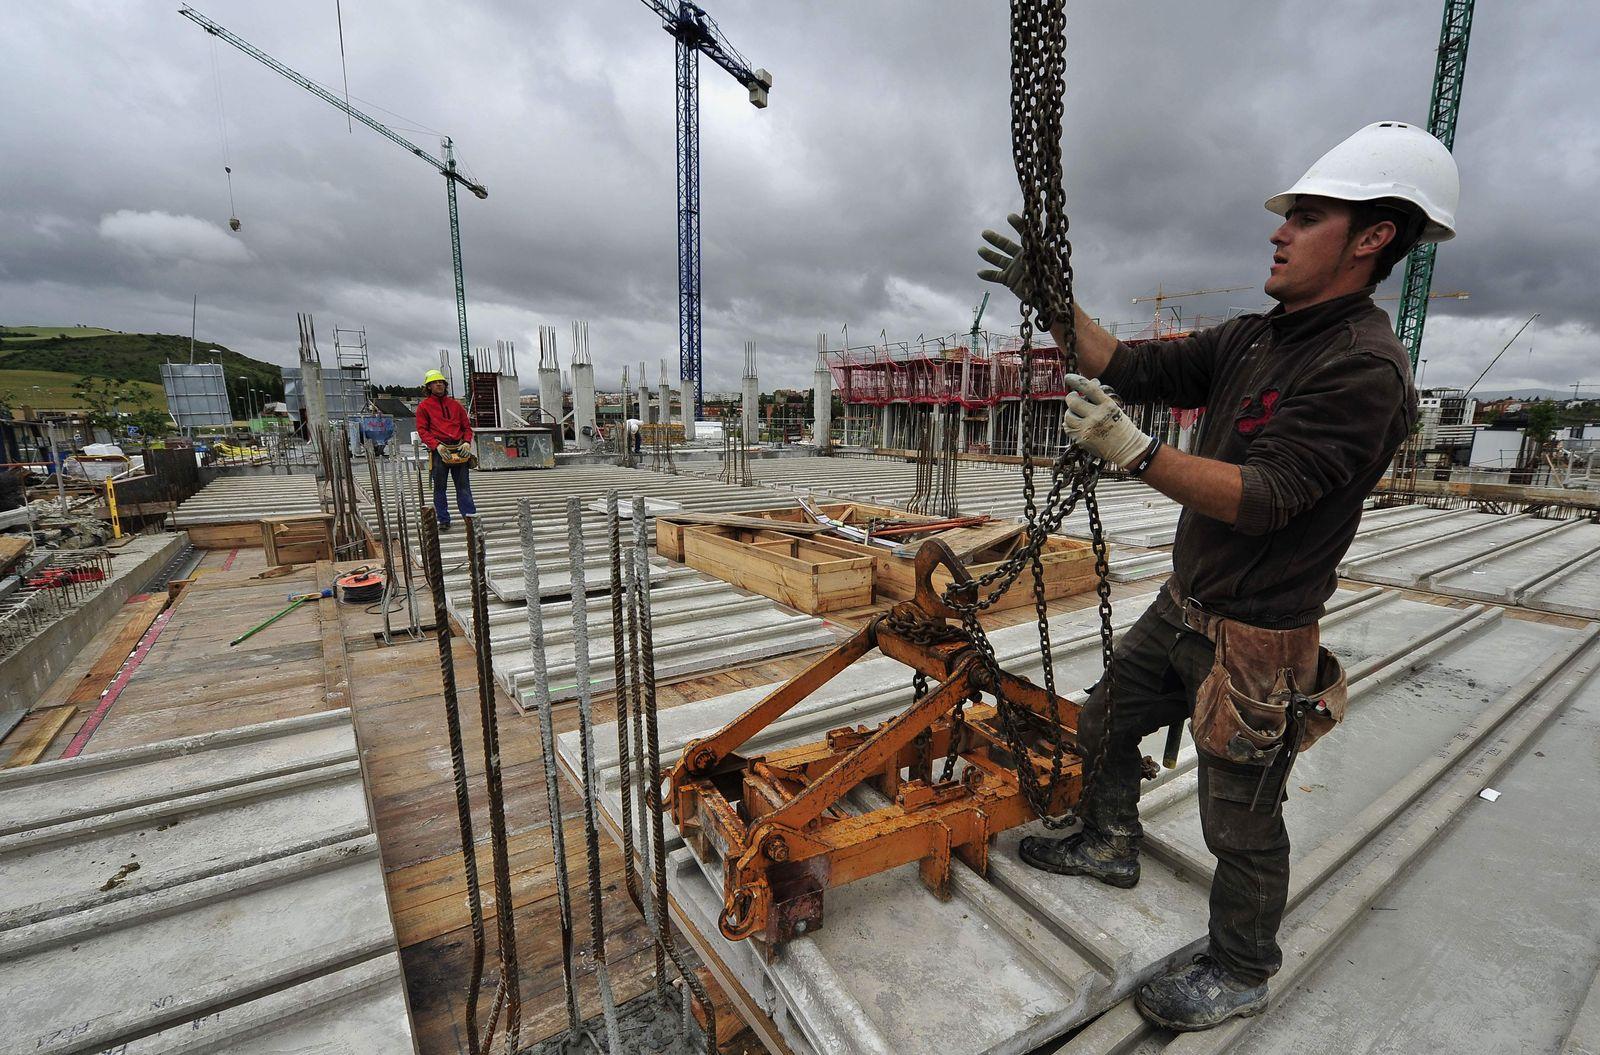 THEMEN Wirtschaft Finanzkrise Spanien